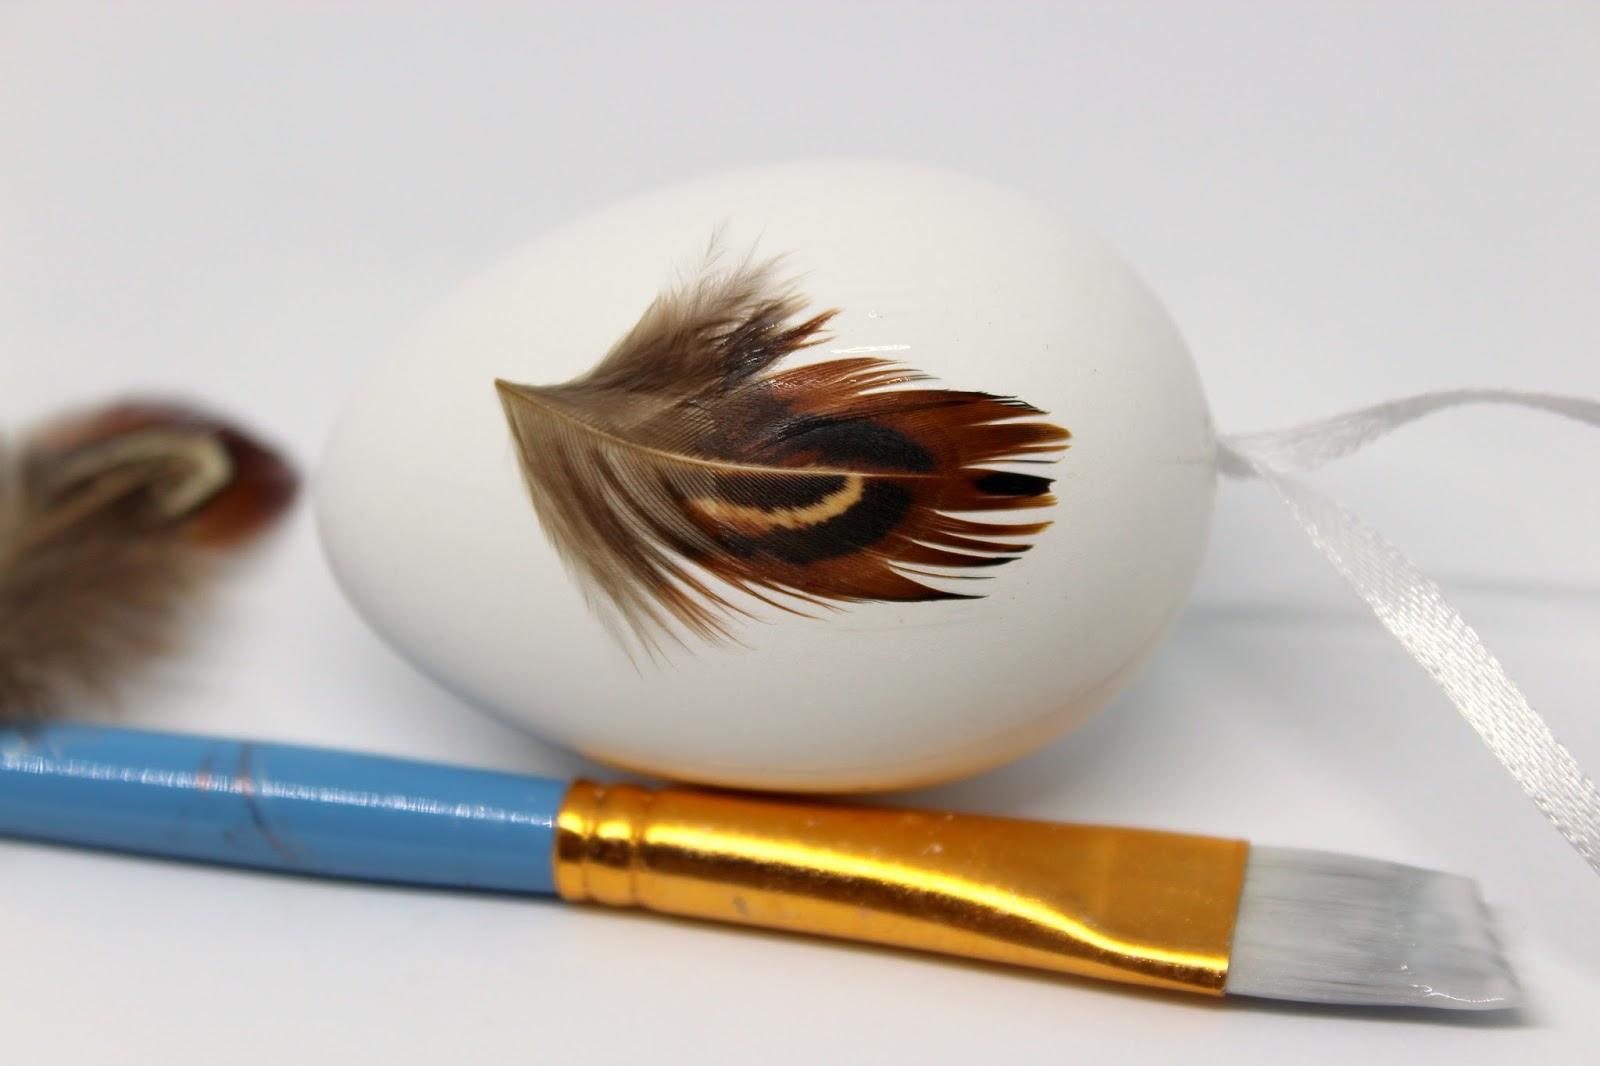 Schnelle Osterdekoration selber machen: DIY Ostereier mit Federn bekleben